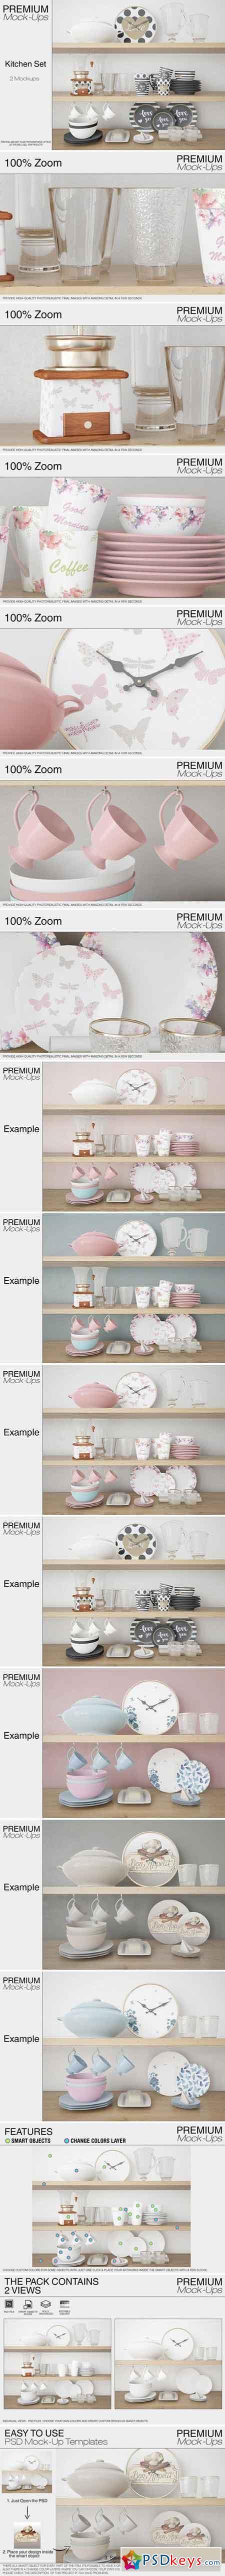 Kitchen Accessories Set 2204402